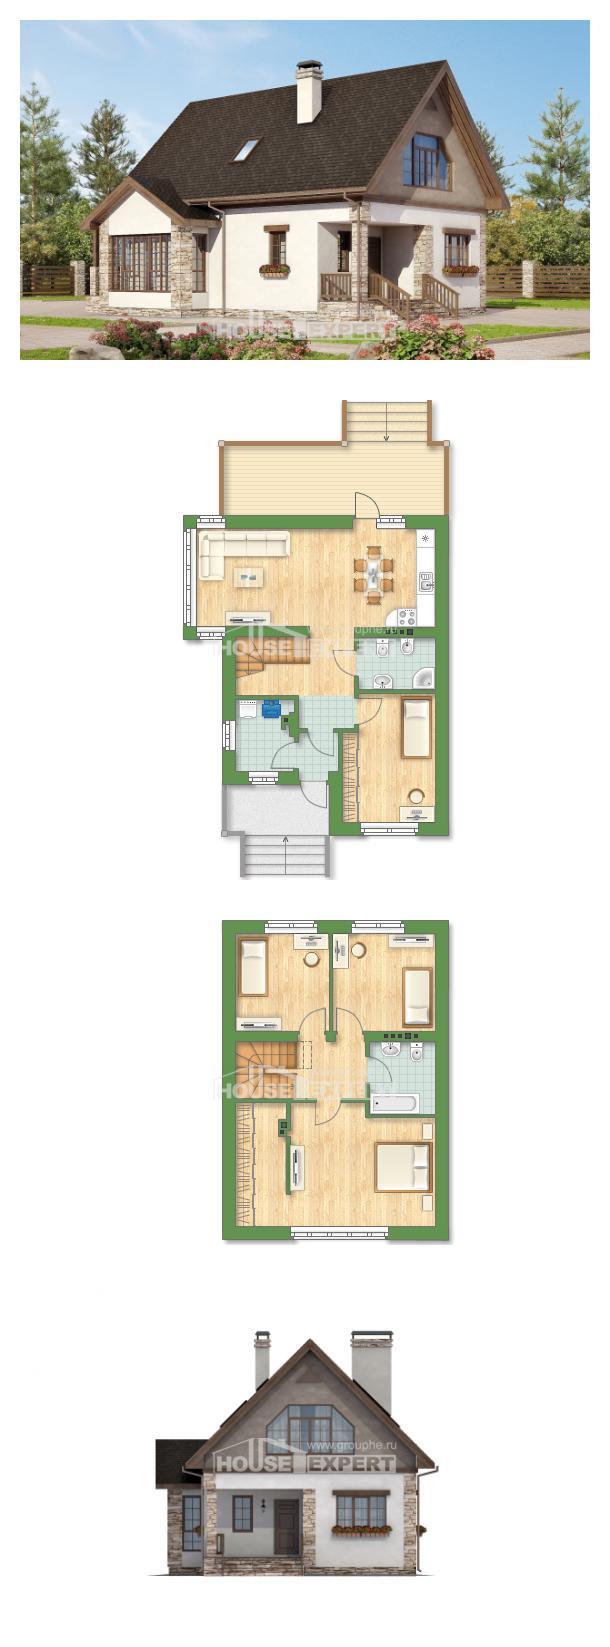 Plan 140-002-L | House Expert